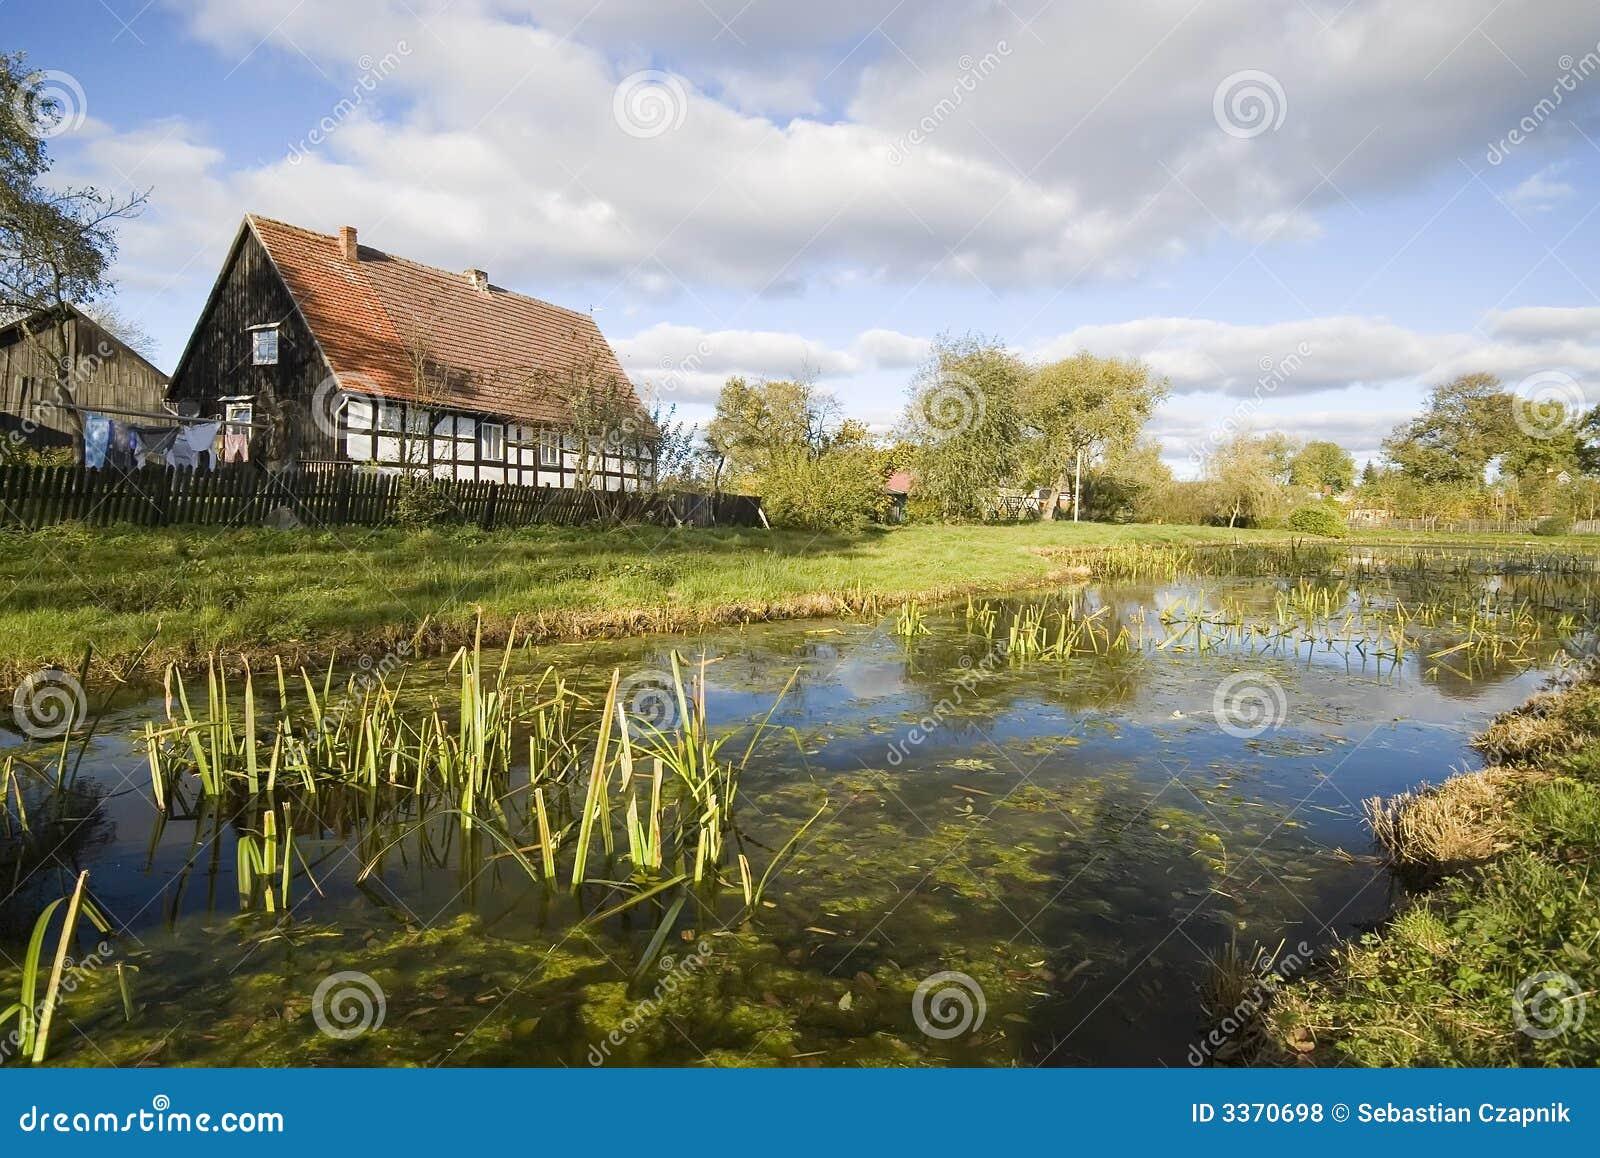 Village scénique, Pologne.